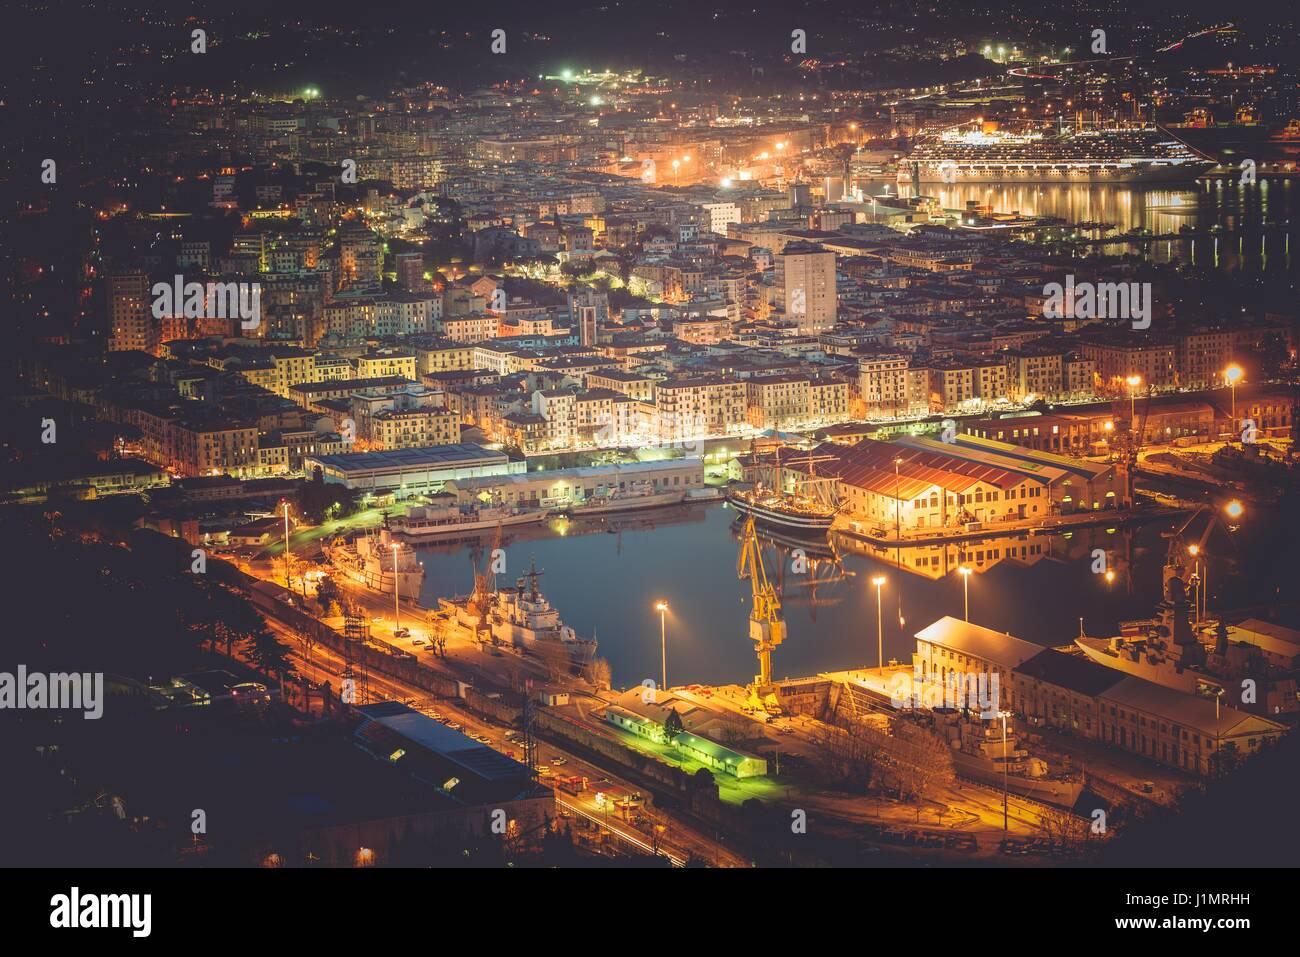 La Spezia Cityscape and Marina at Night. Liguria, Italy. Cruise Ship in the Marina. - Stock Image